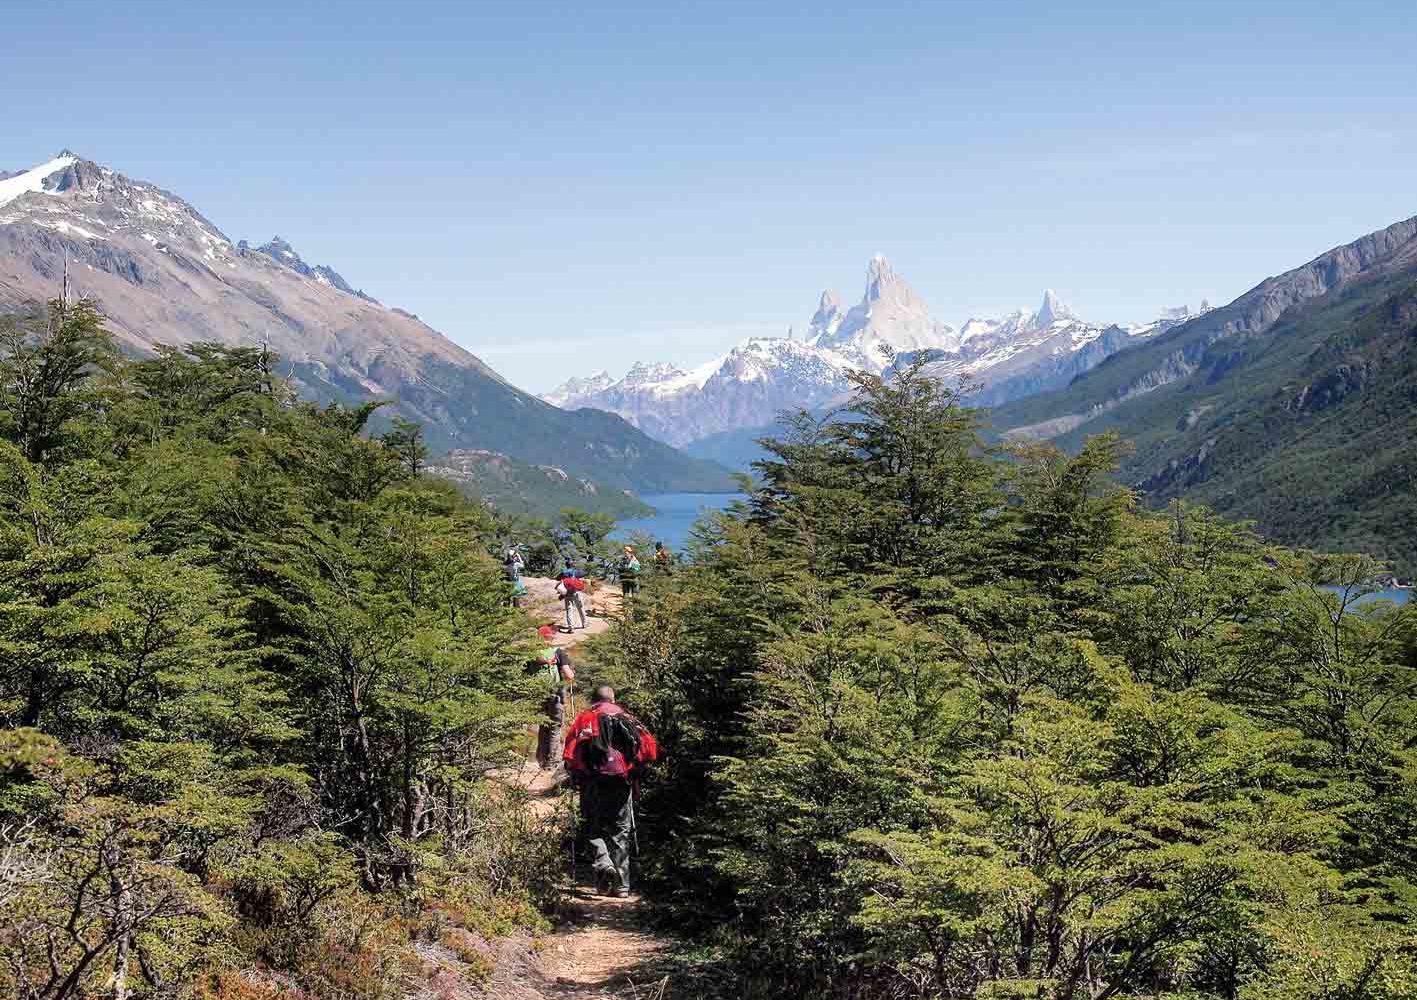 Wanderung zum Lago del Desierto, im Hintergrund thront der Fitz Roy, Chile